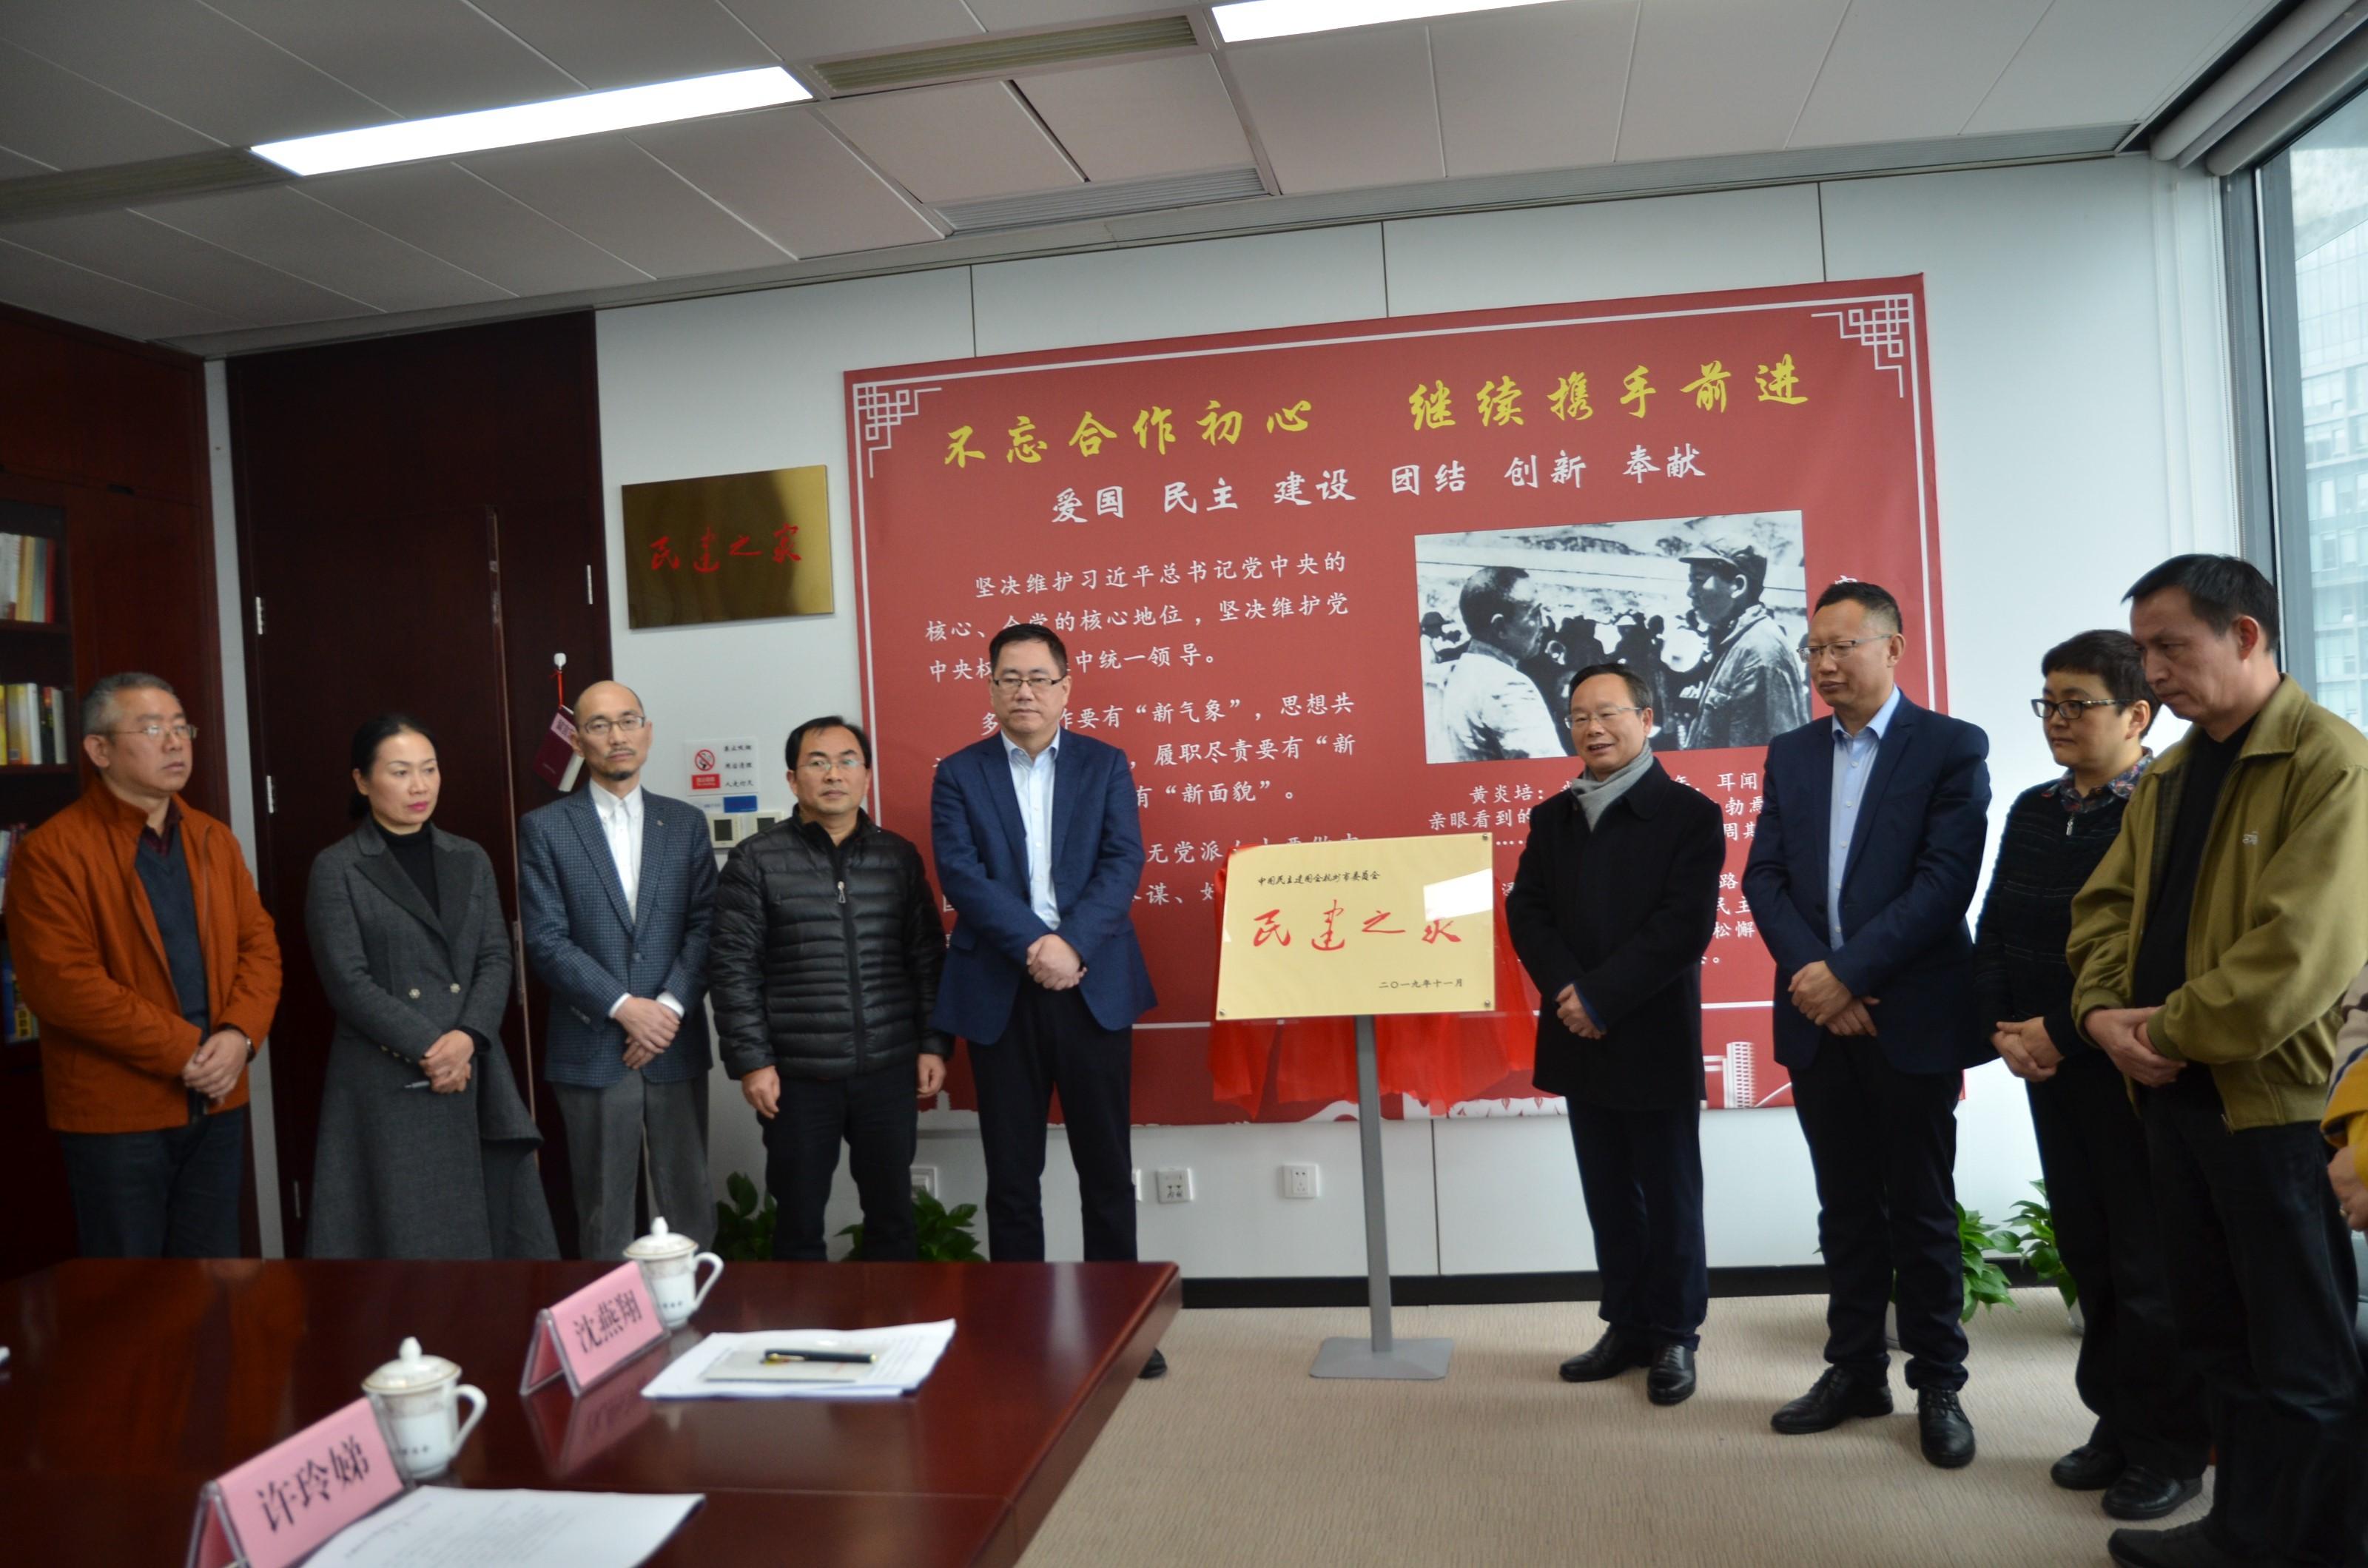 民建杭州市委會舉行 民建之家 揭牌儀式